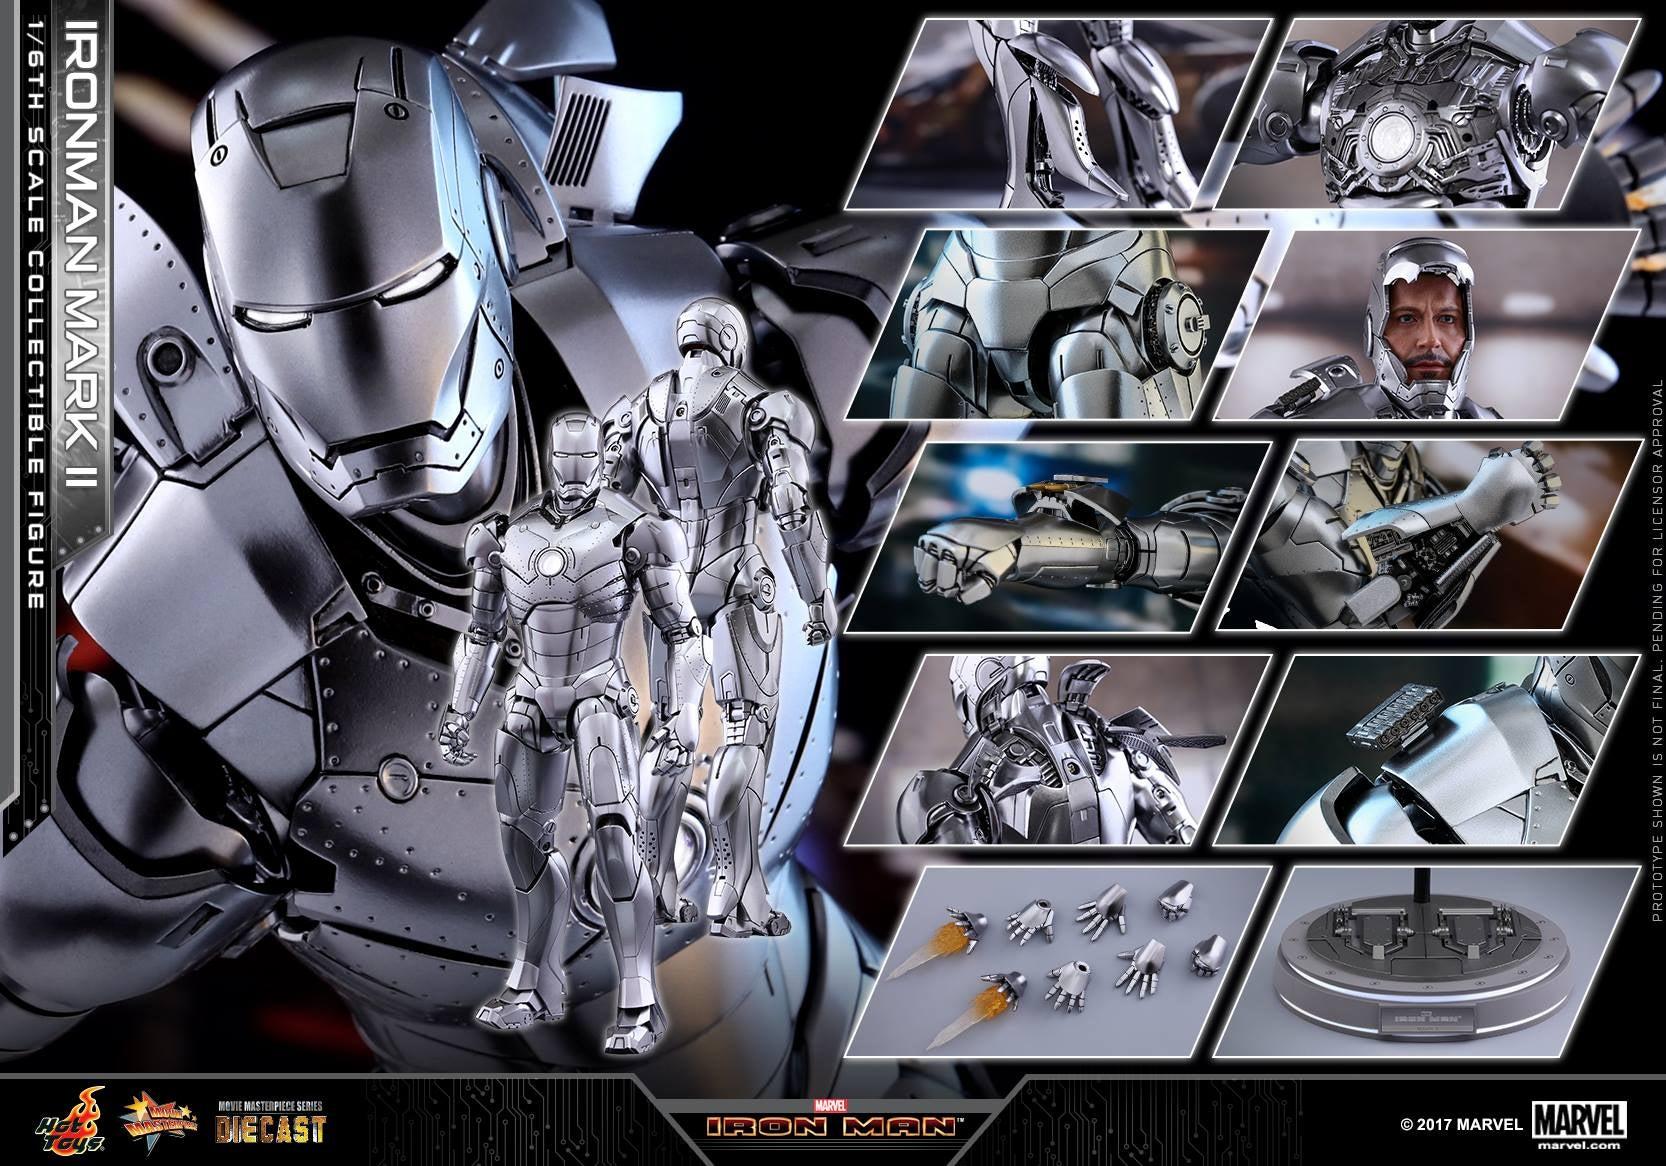 Hot Toys Iron Man Mark Ii 42